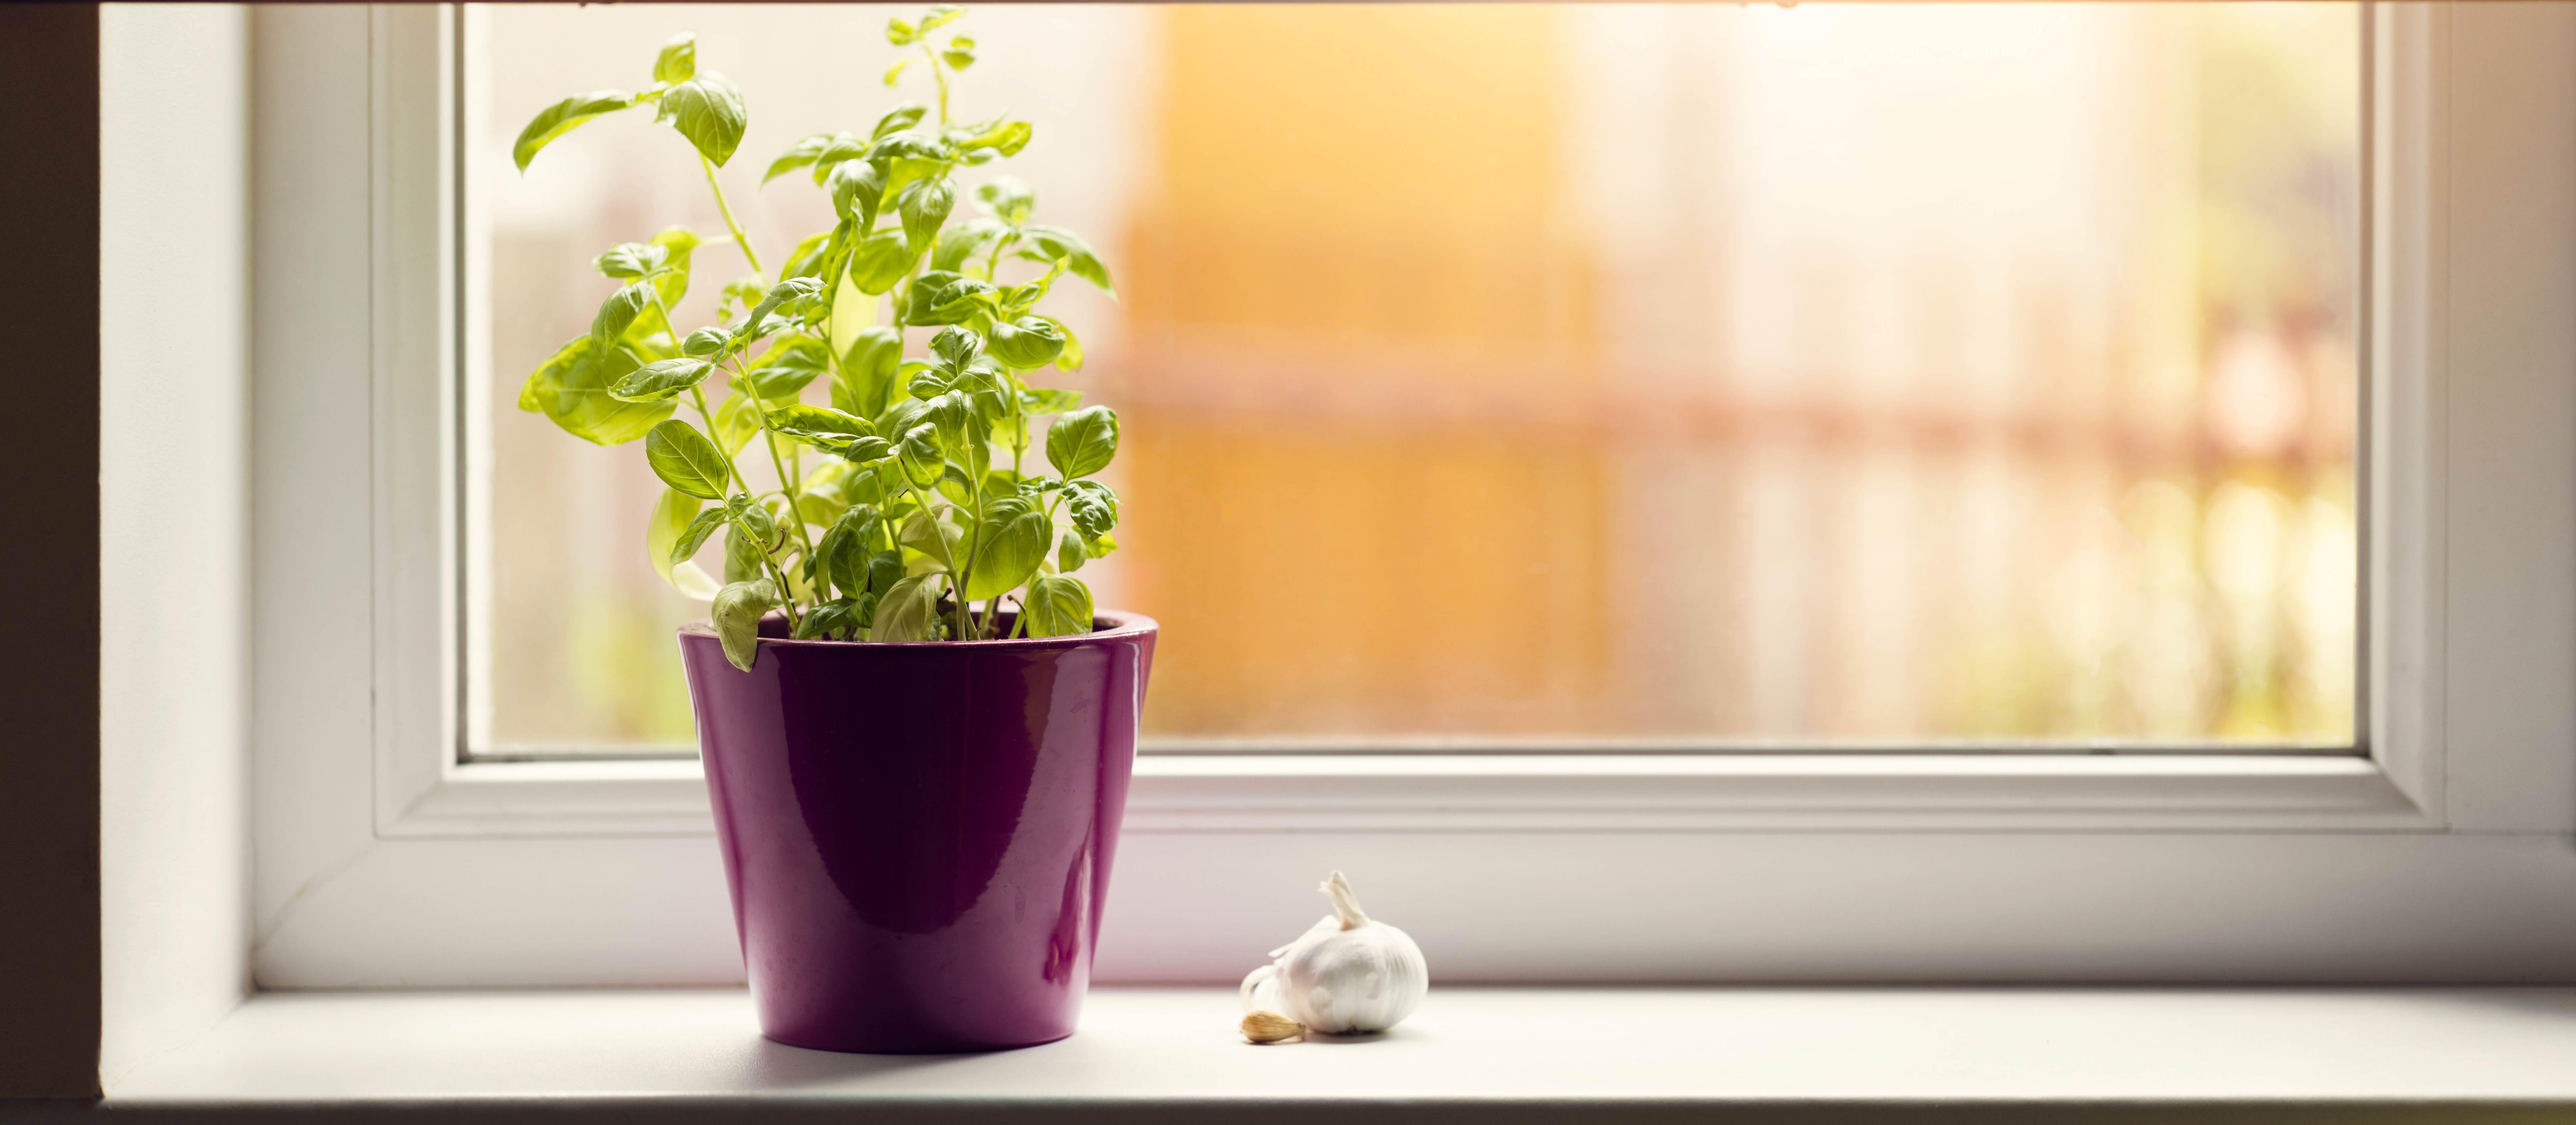 Entretenir Un Pied De Basilic nos conseils pour ne pas faire mourir votre basilic en pot